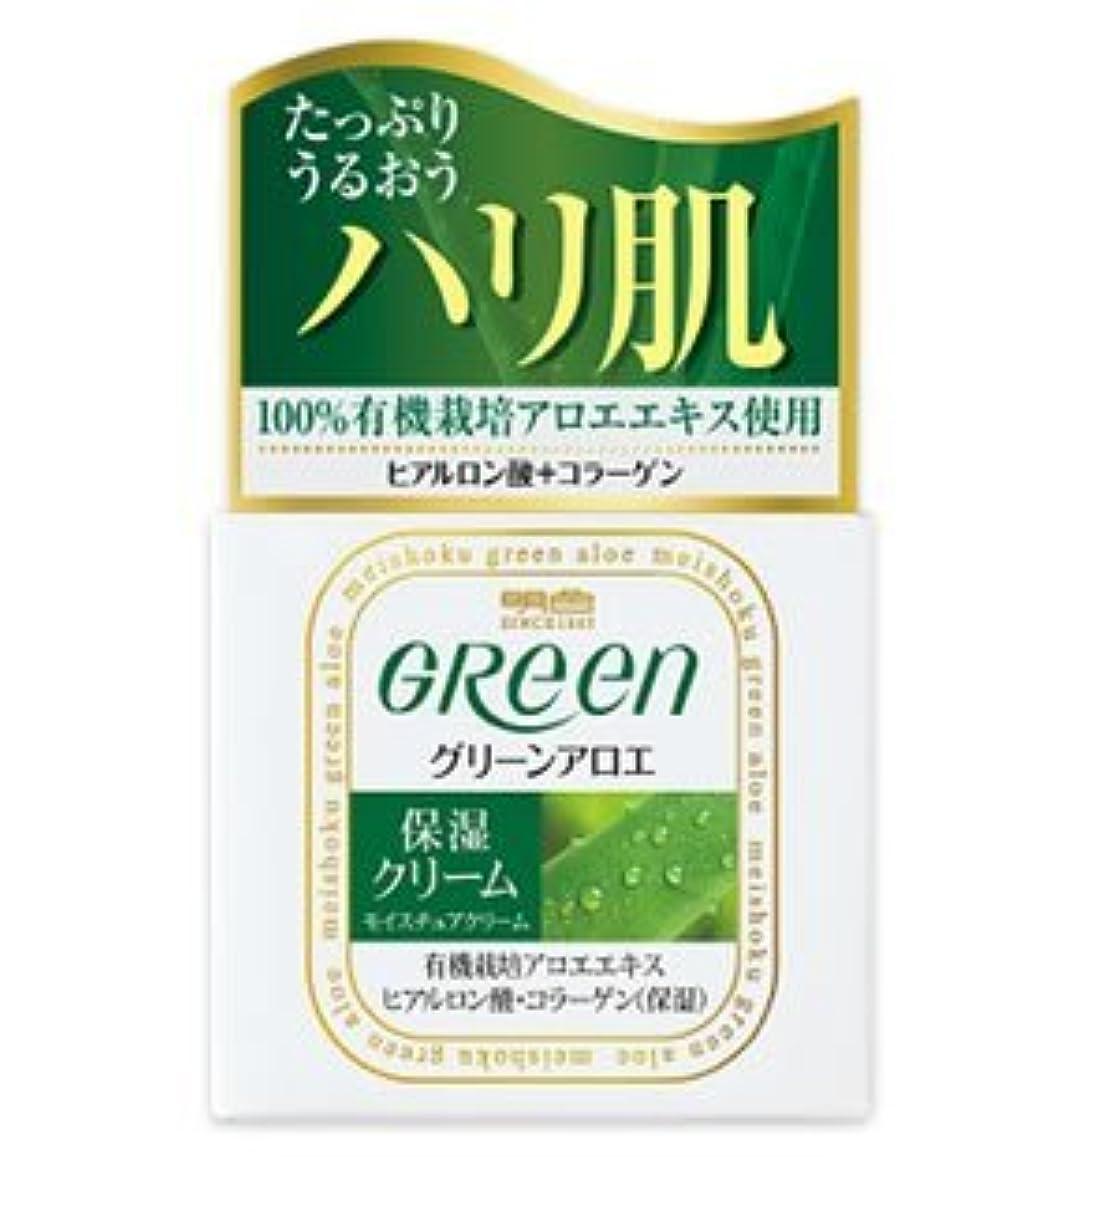 それに応じて何もない方程式(明色)グリーン モイスチュアクリーム 48g(お買い得3個セット)